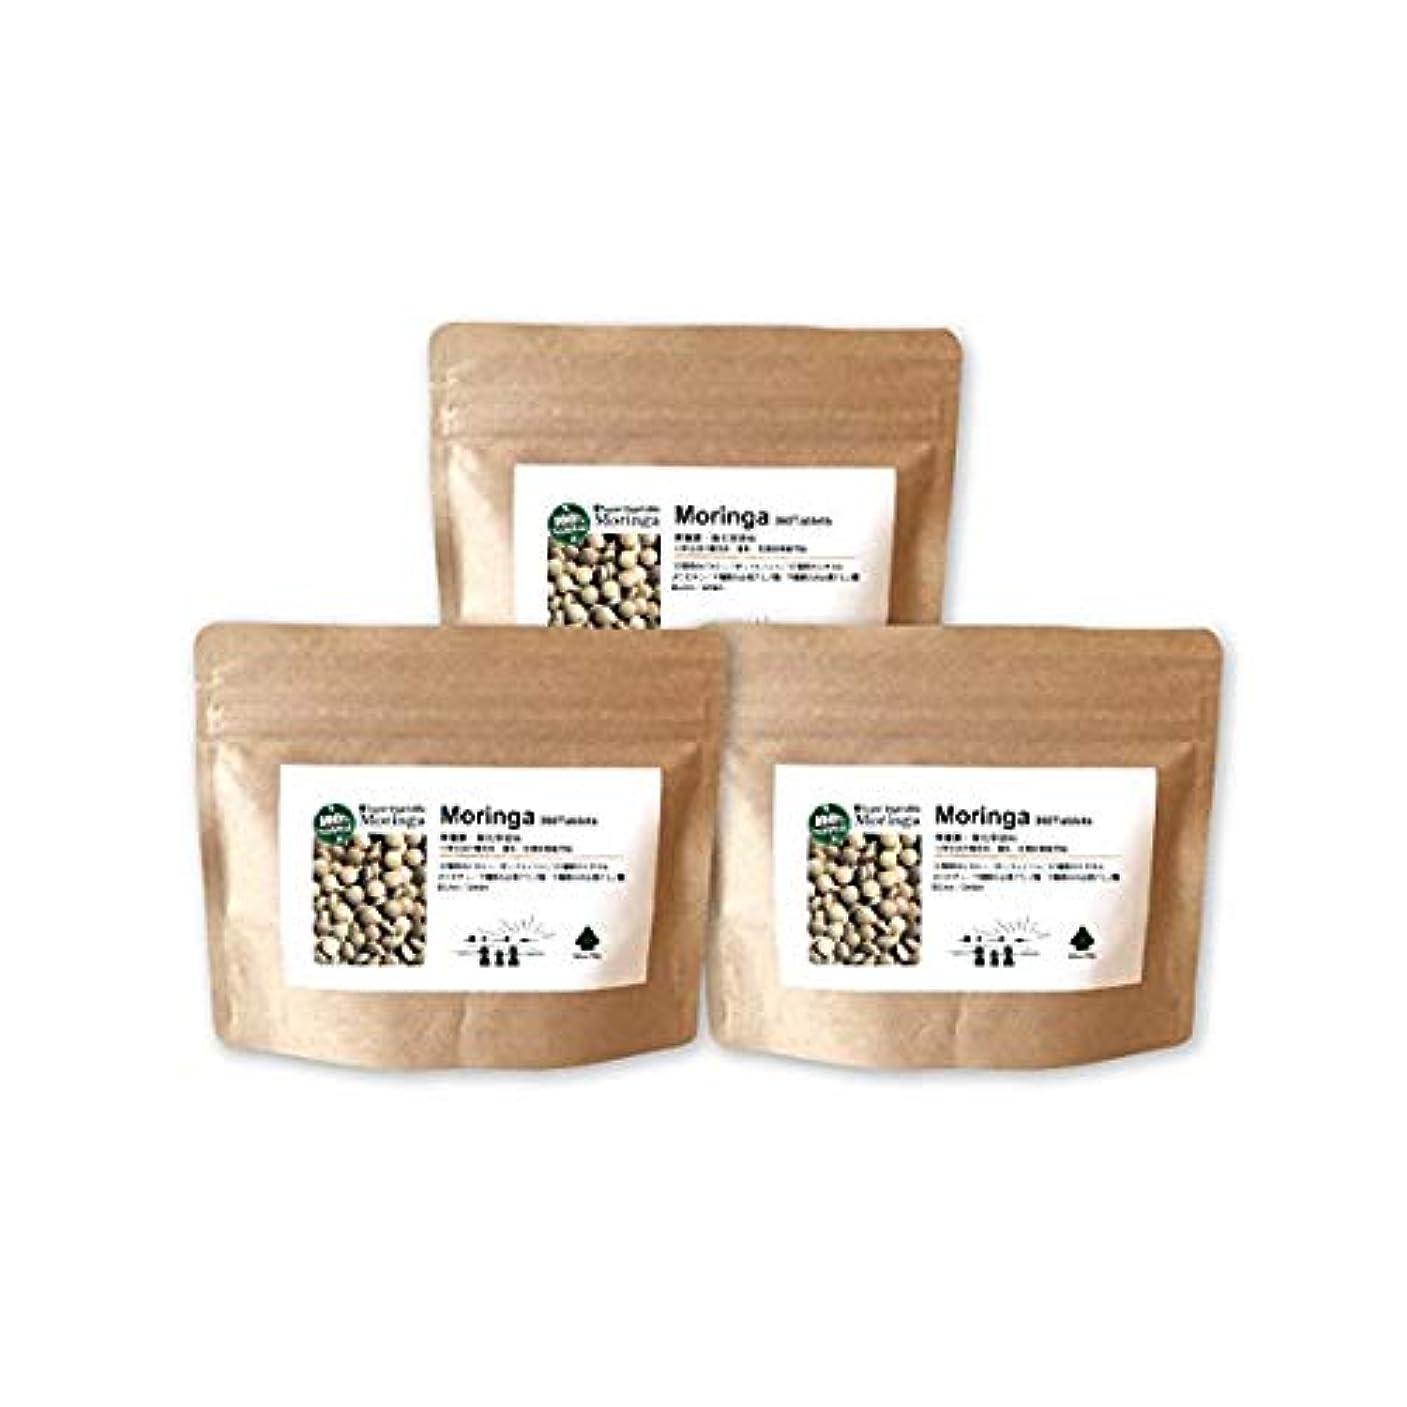 だます松明申し込むモリンガ粒(3個セット) 沖縄産の無農薬?無化学肥料栽培モリンガ葉使用